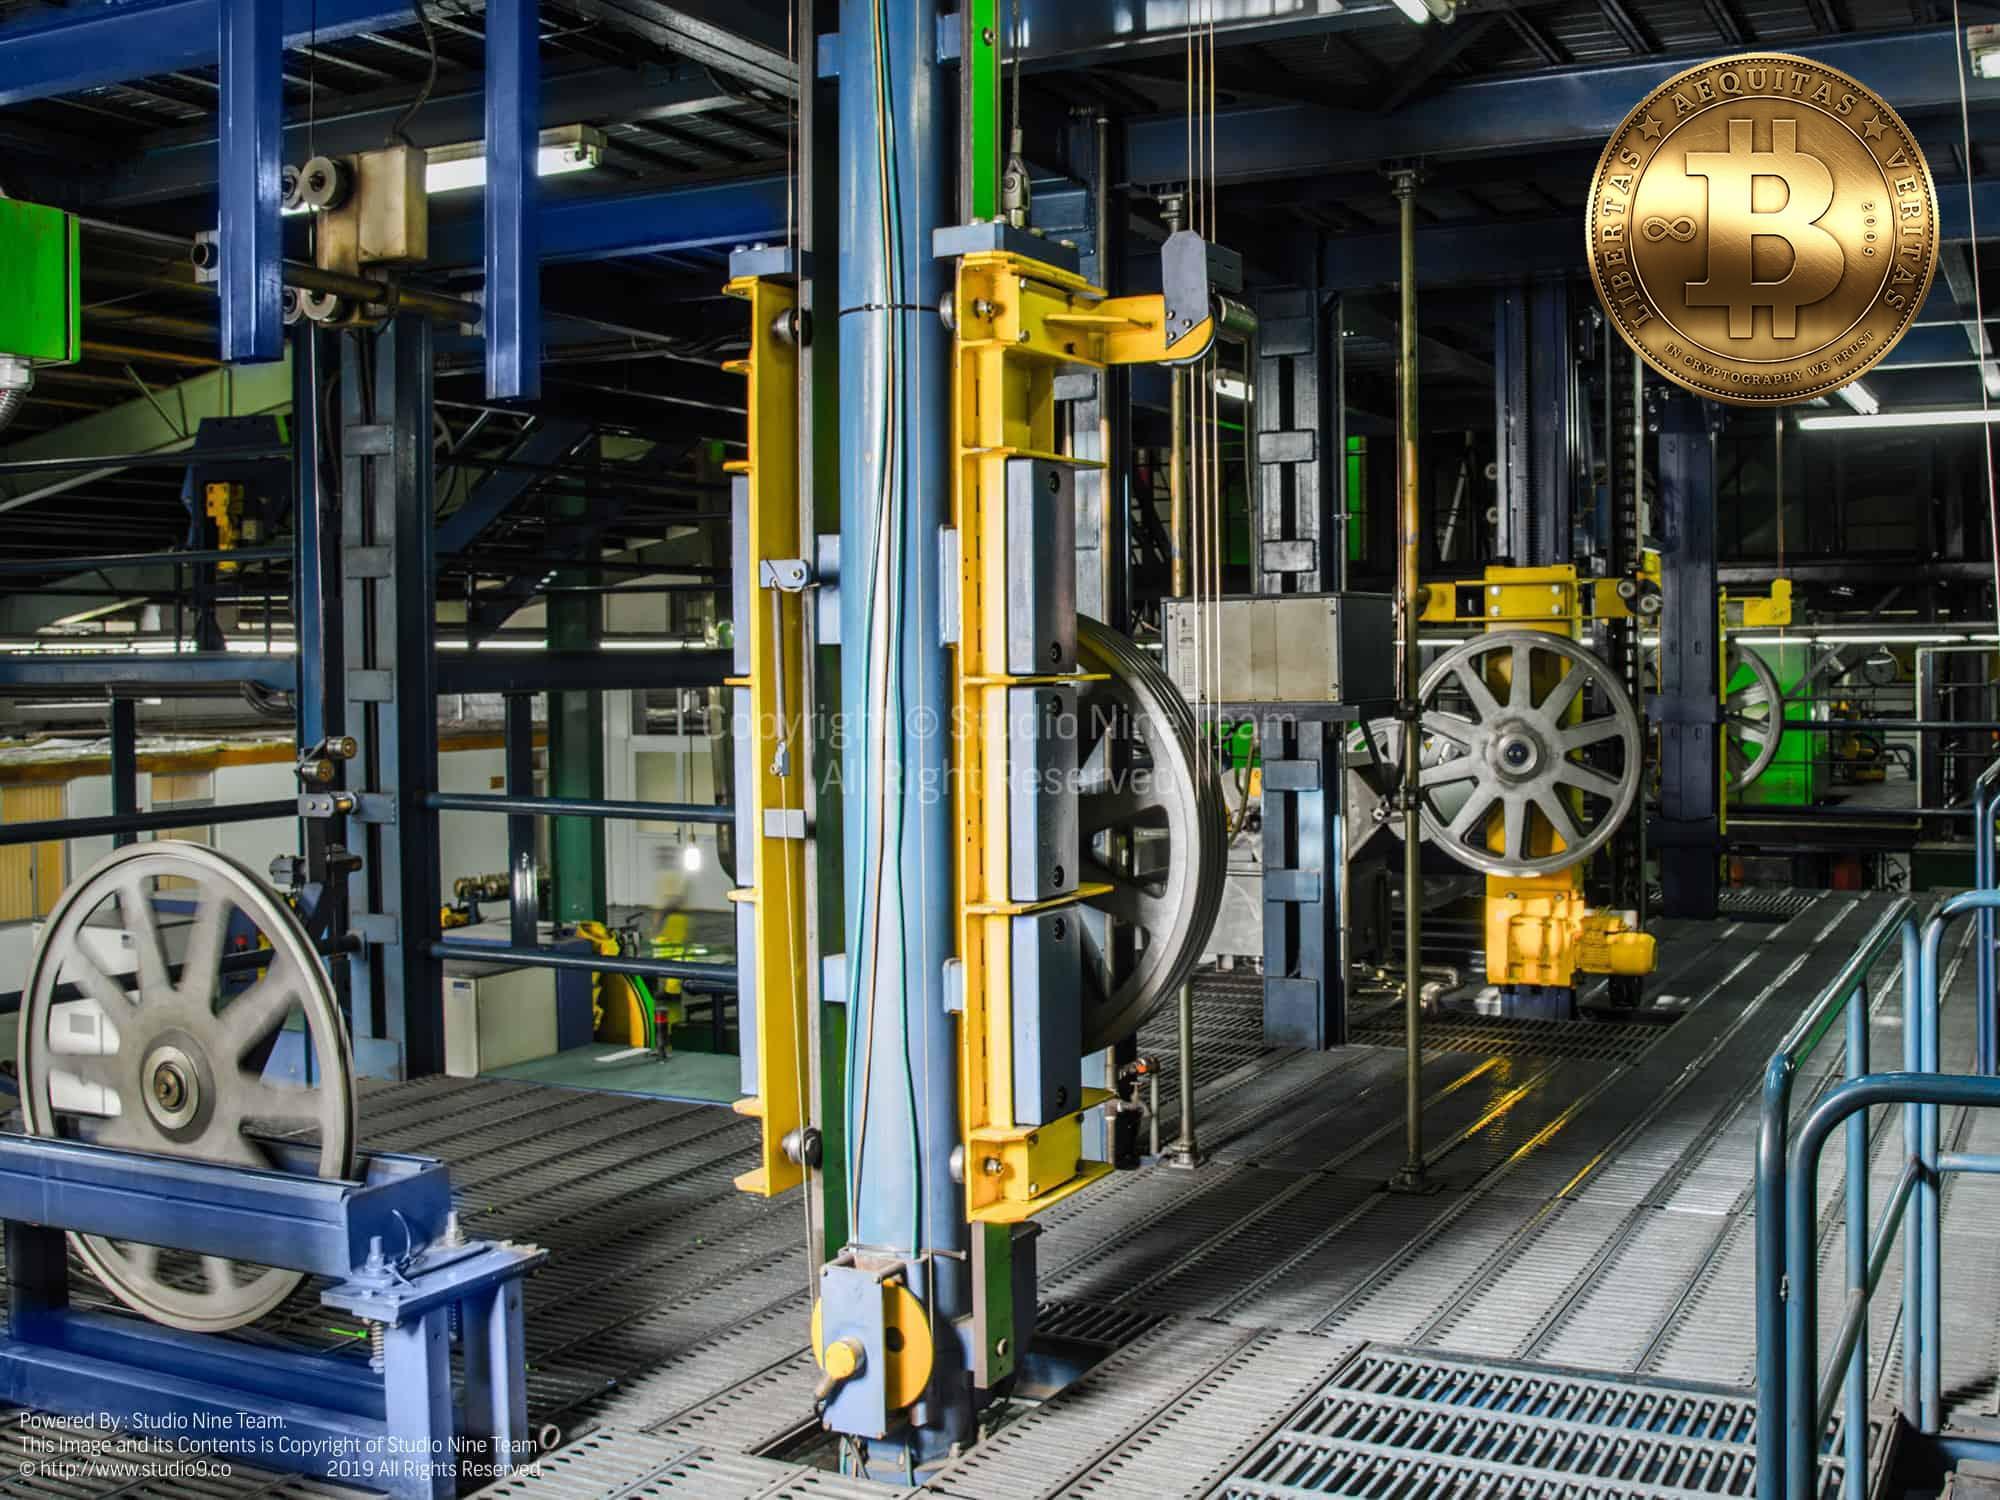 تعرفه عکاسی صنعتی | لیست قیمت عکاسی صنعتی